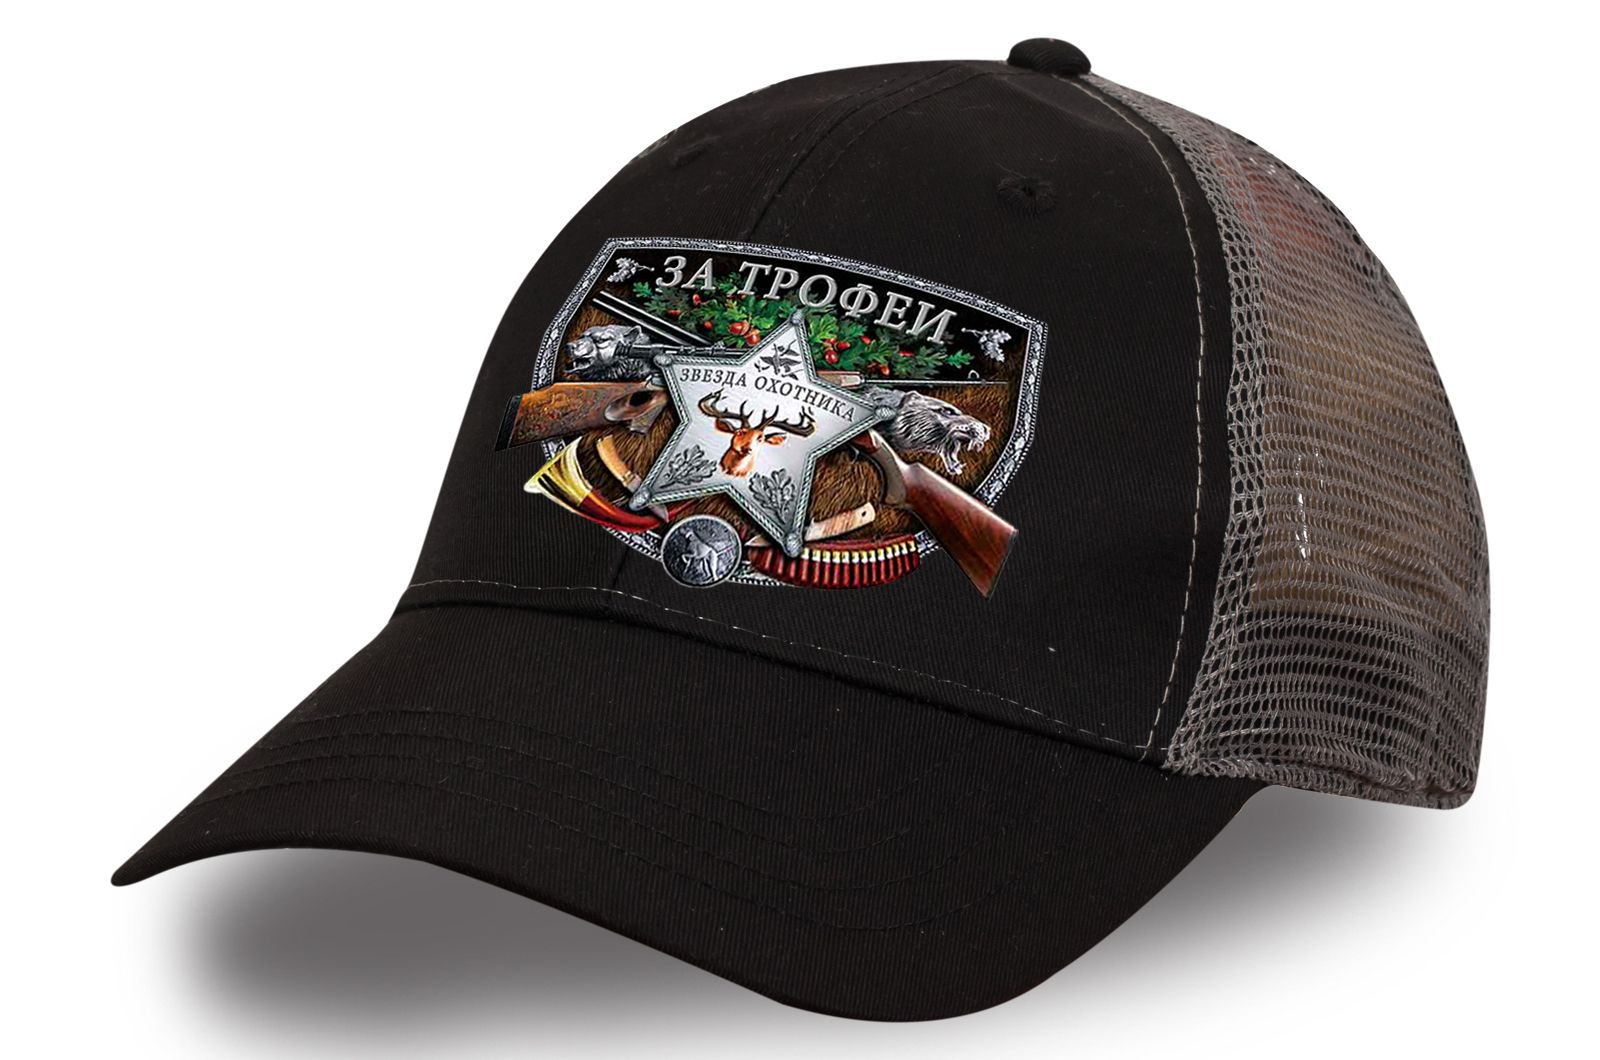 Черная бейсболка с охотничьей символикой - купить по выгодной цене